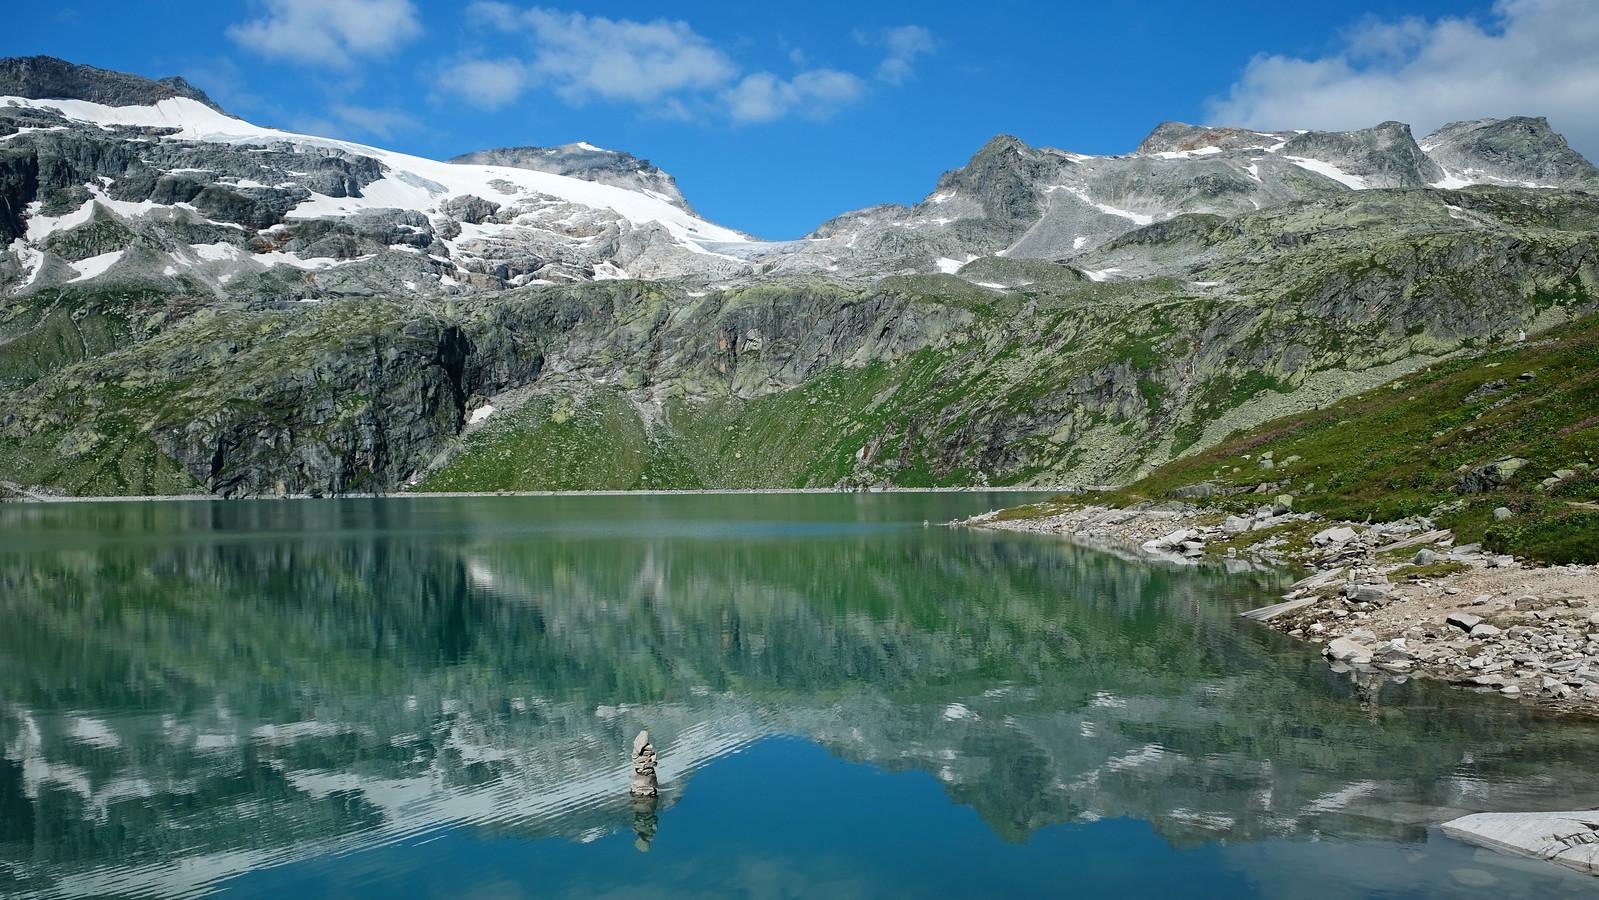 Weisssee, Weisssee Glacier World, Austria